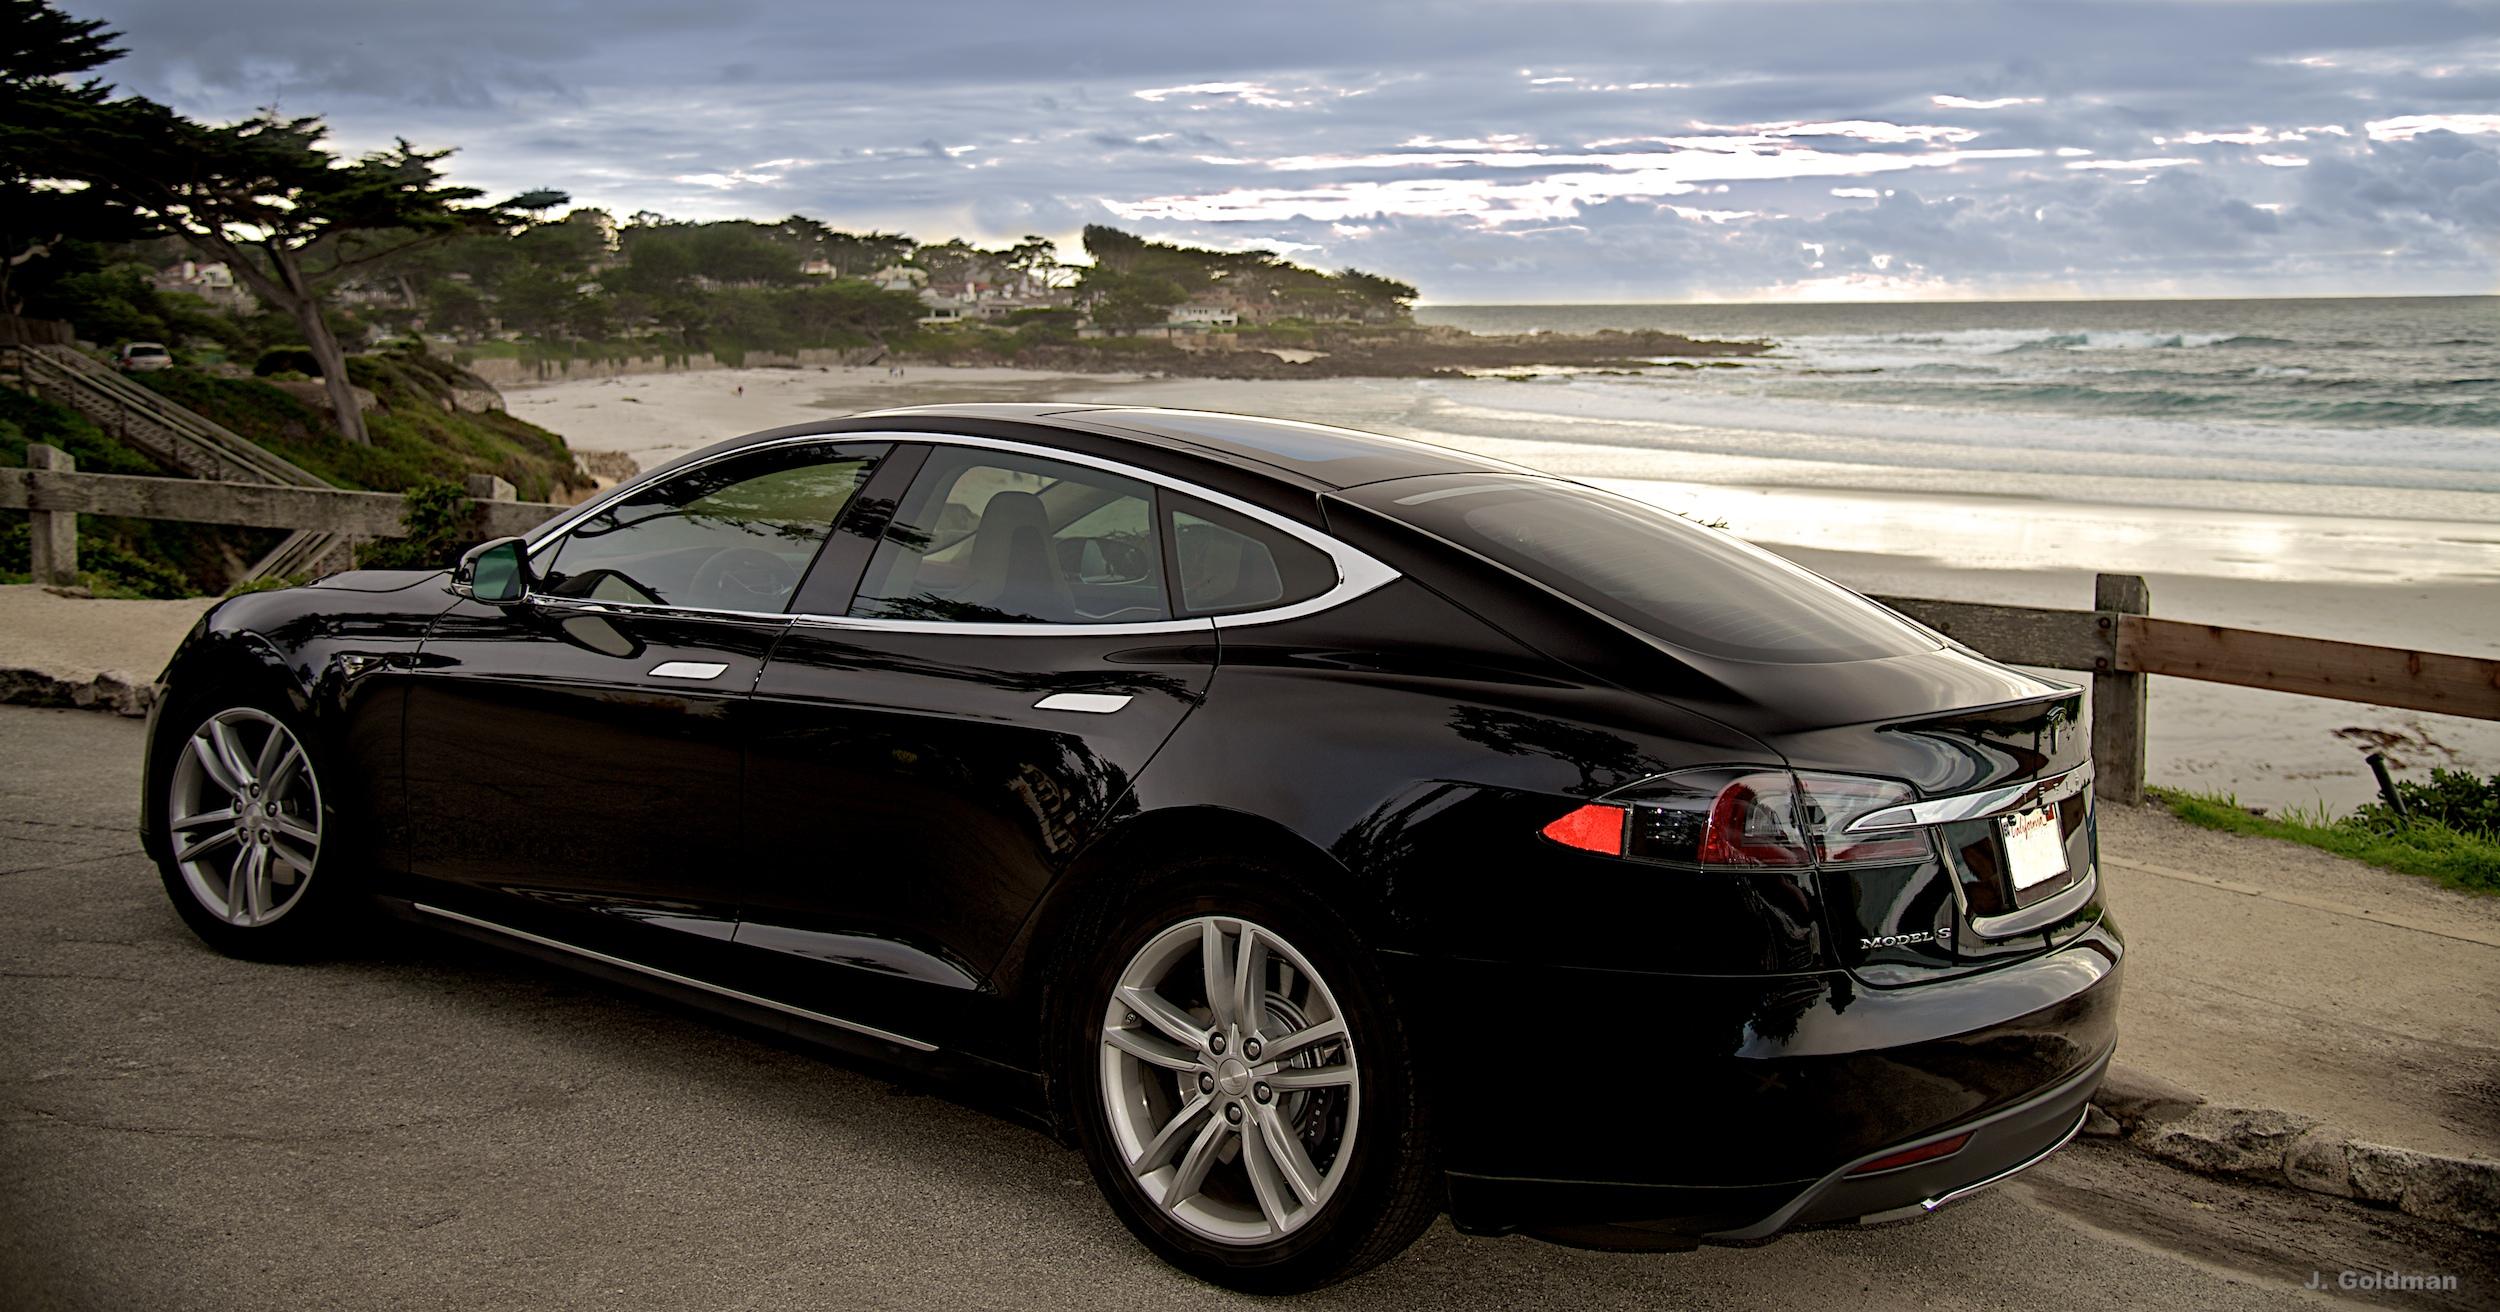 Tesla-Carmel 6.jpg